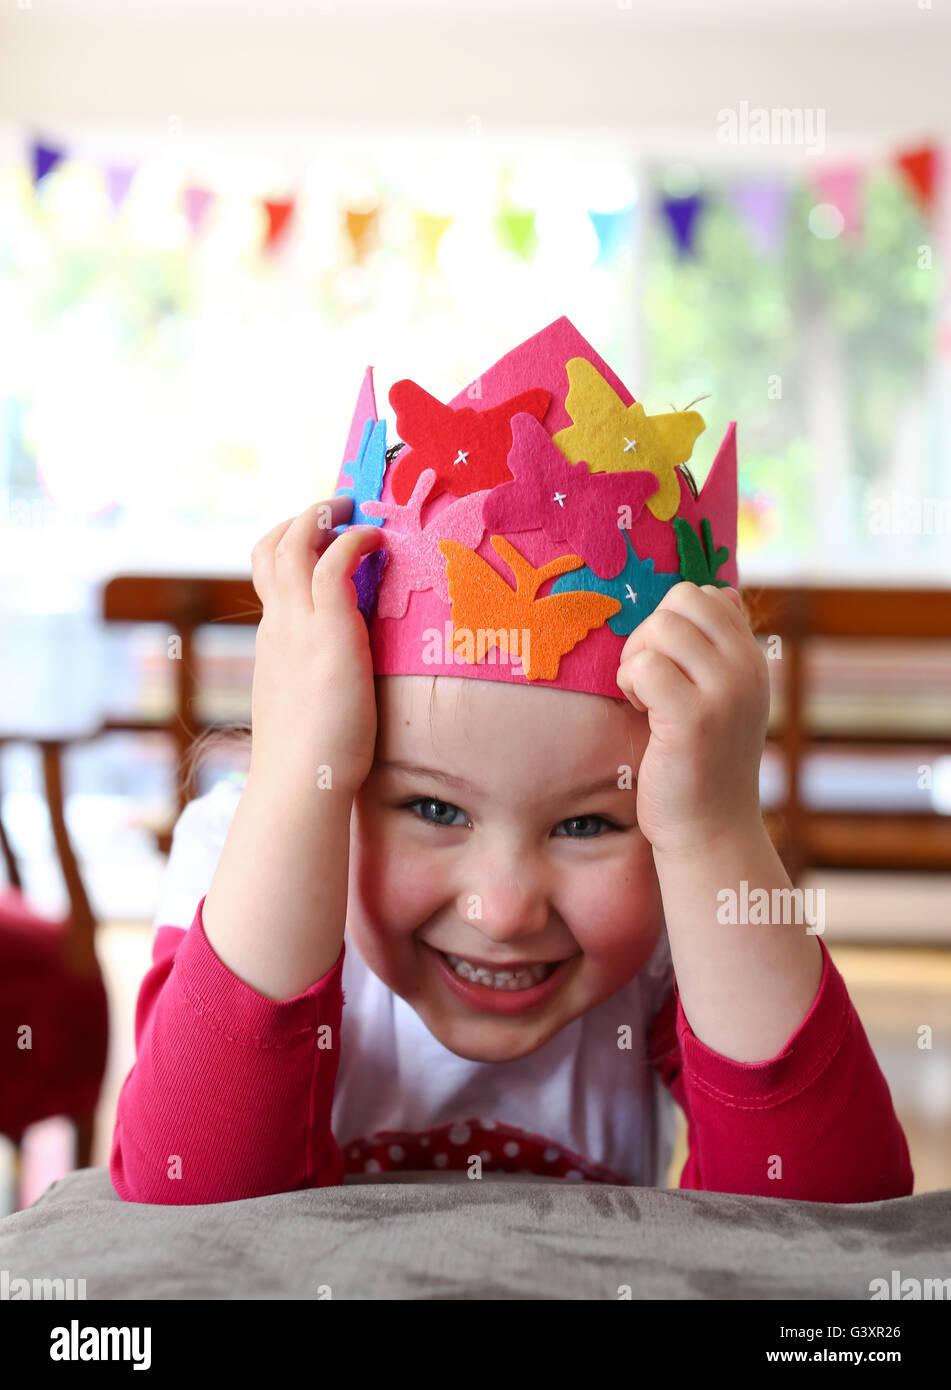 Bambino con party hat essendo silly Immagini Stock